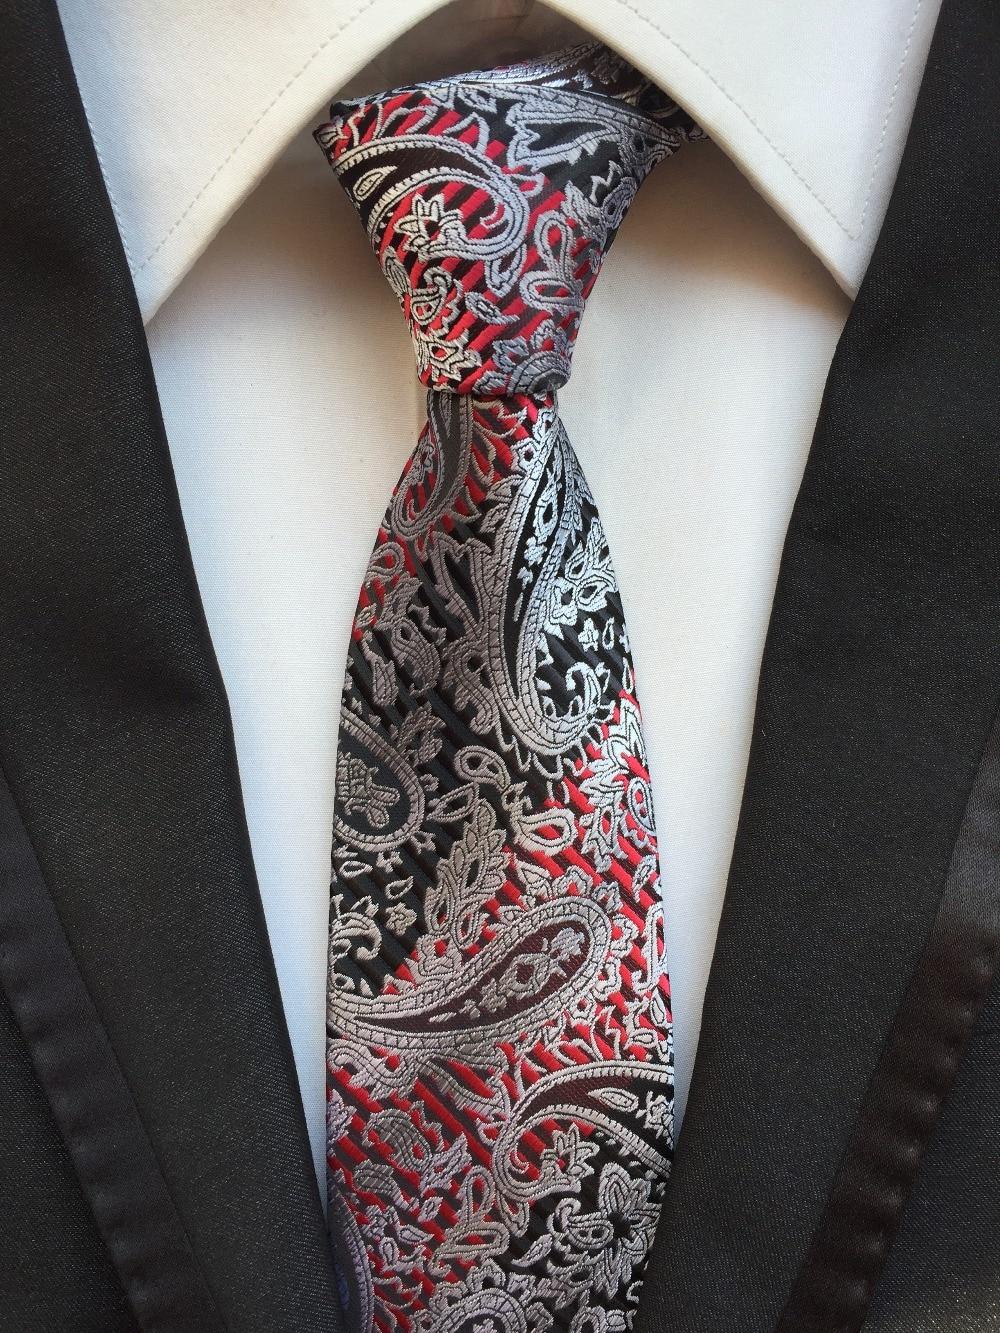 pánská módní kravata pro polyesterové hedvábné kravaty obchodní žakárové gravata pánské kravaty kostkované pruhy ležérní krk vázanka kapesník A147